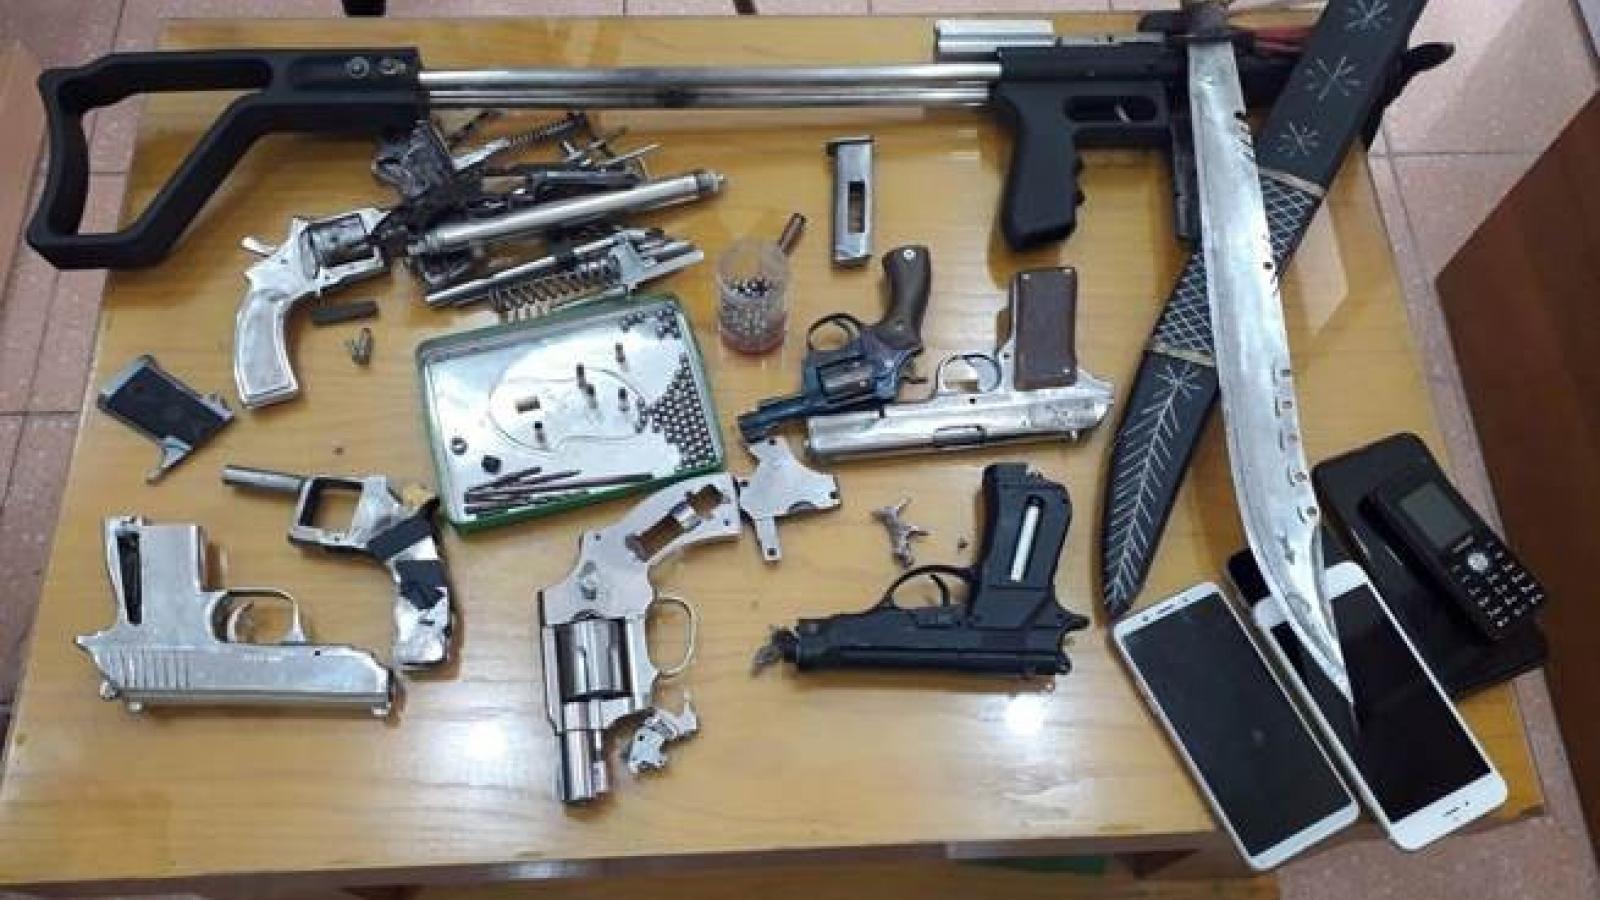 Nhóm con nghiện tàng trữ ma túy và chế tạo, mua bán vũ khí quân dụng